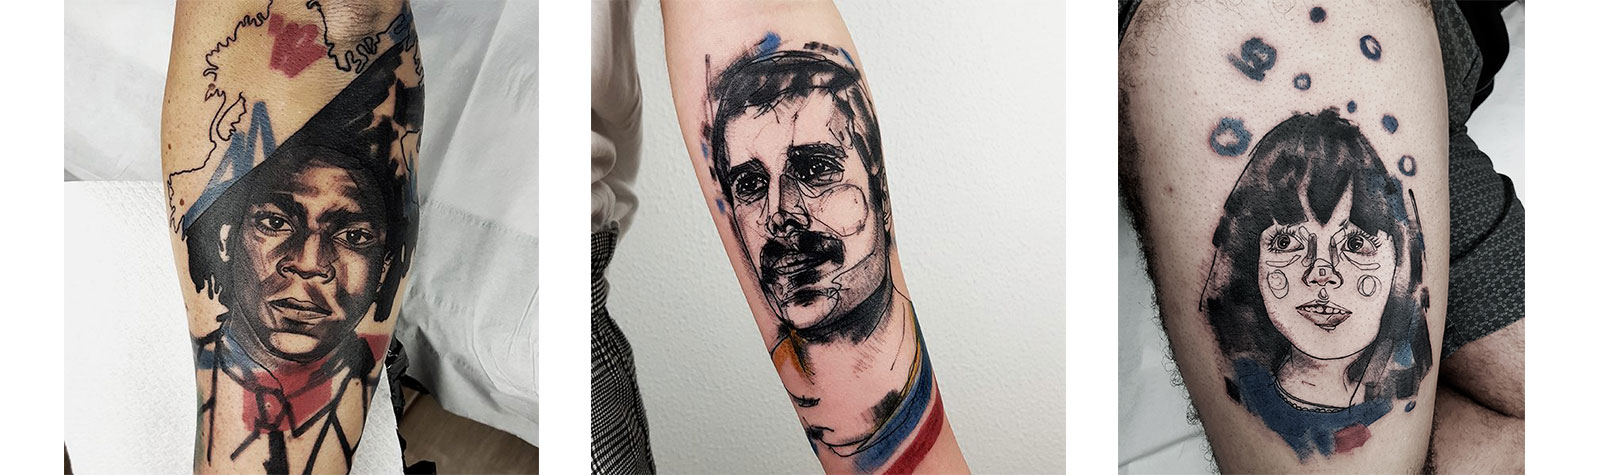 Razões para tatuar retratos – Conheça algumas por detrás desta escolha